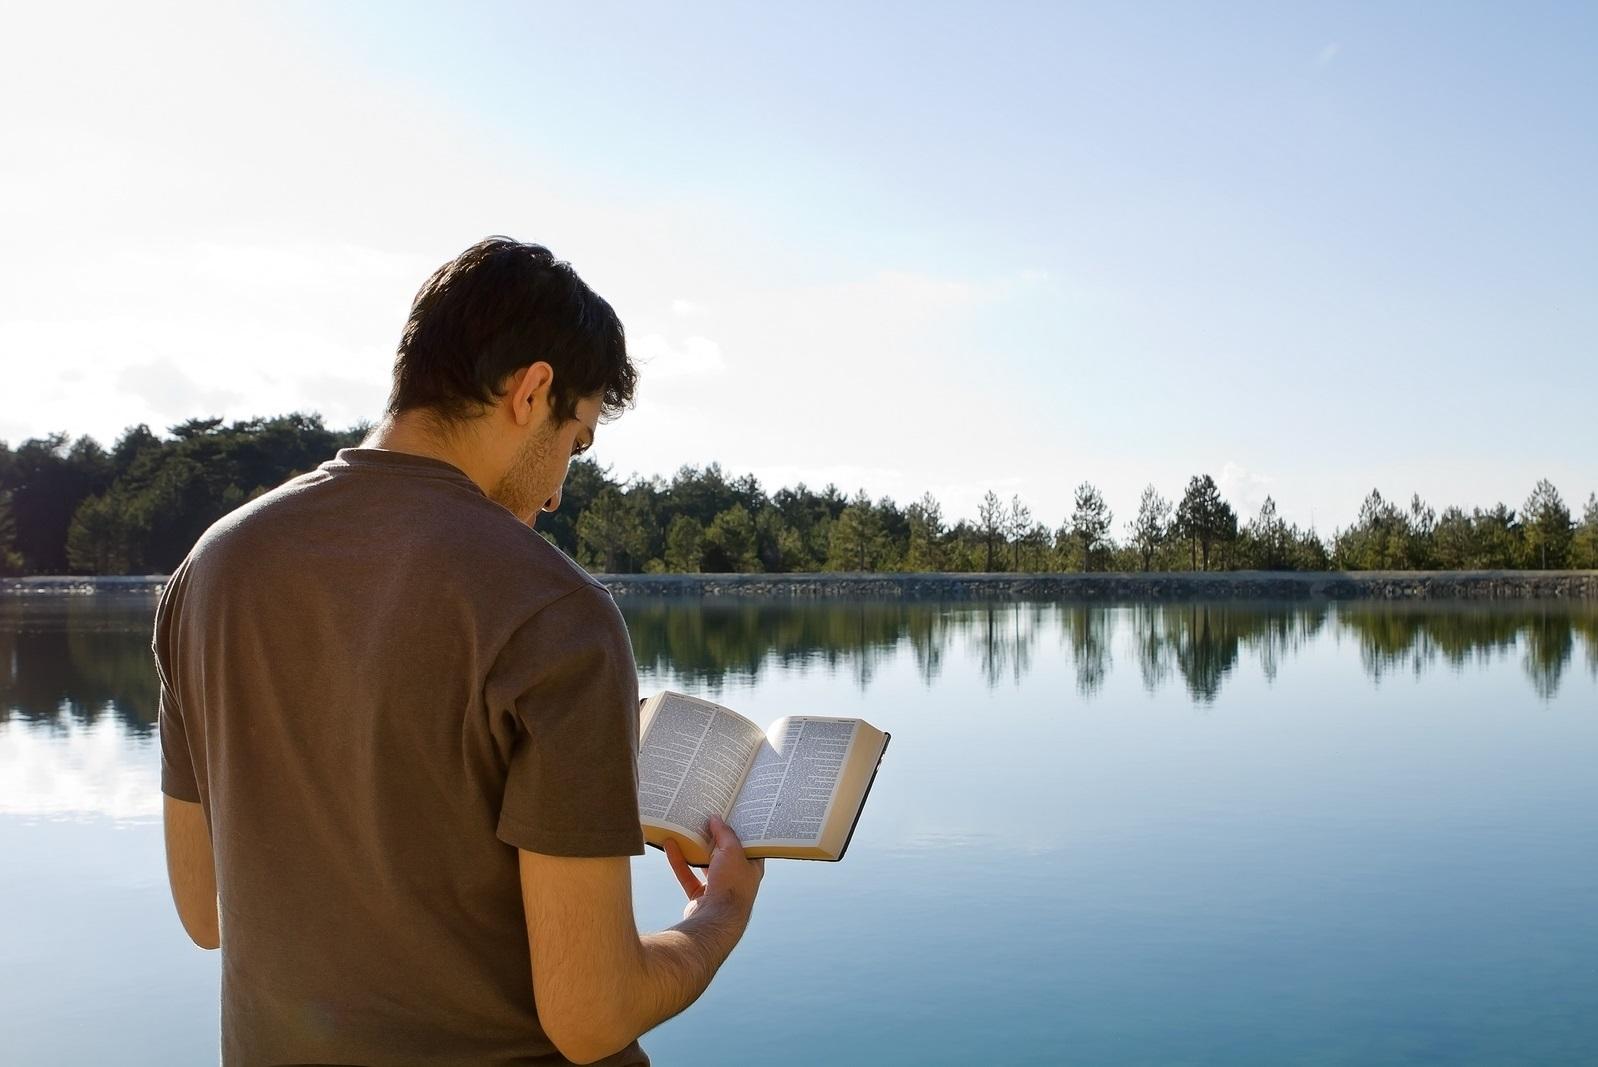 هفت راه تقویت معنویت از نگاه روزنامه آمریکایی